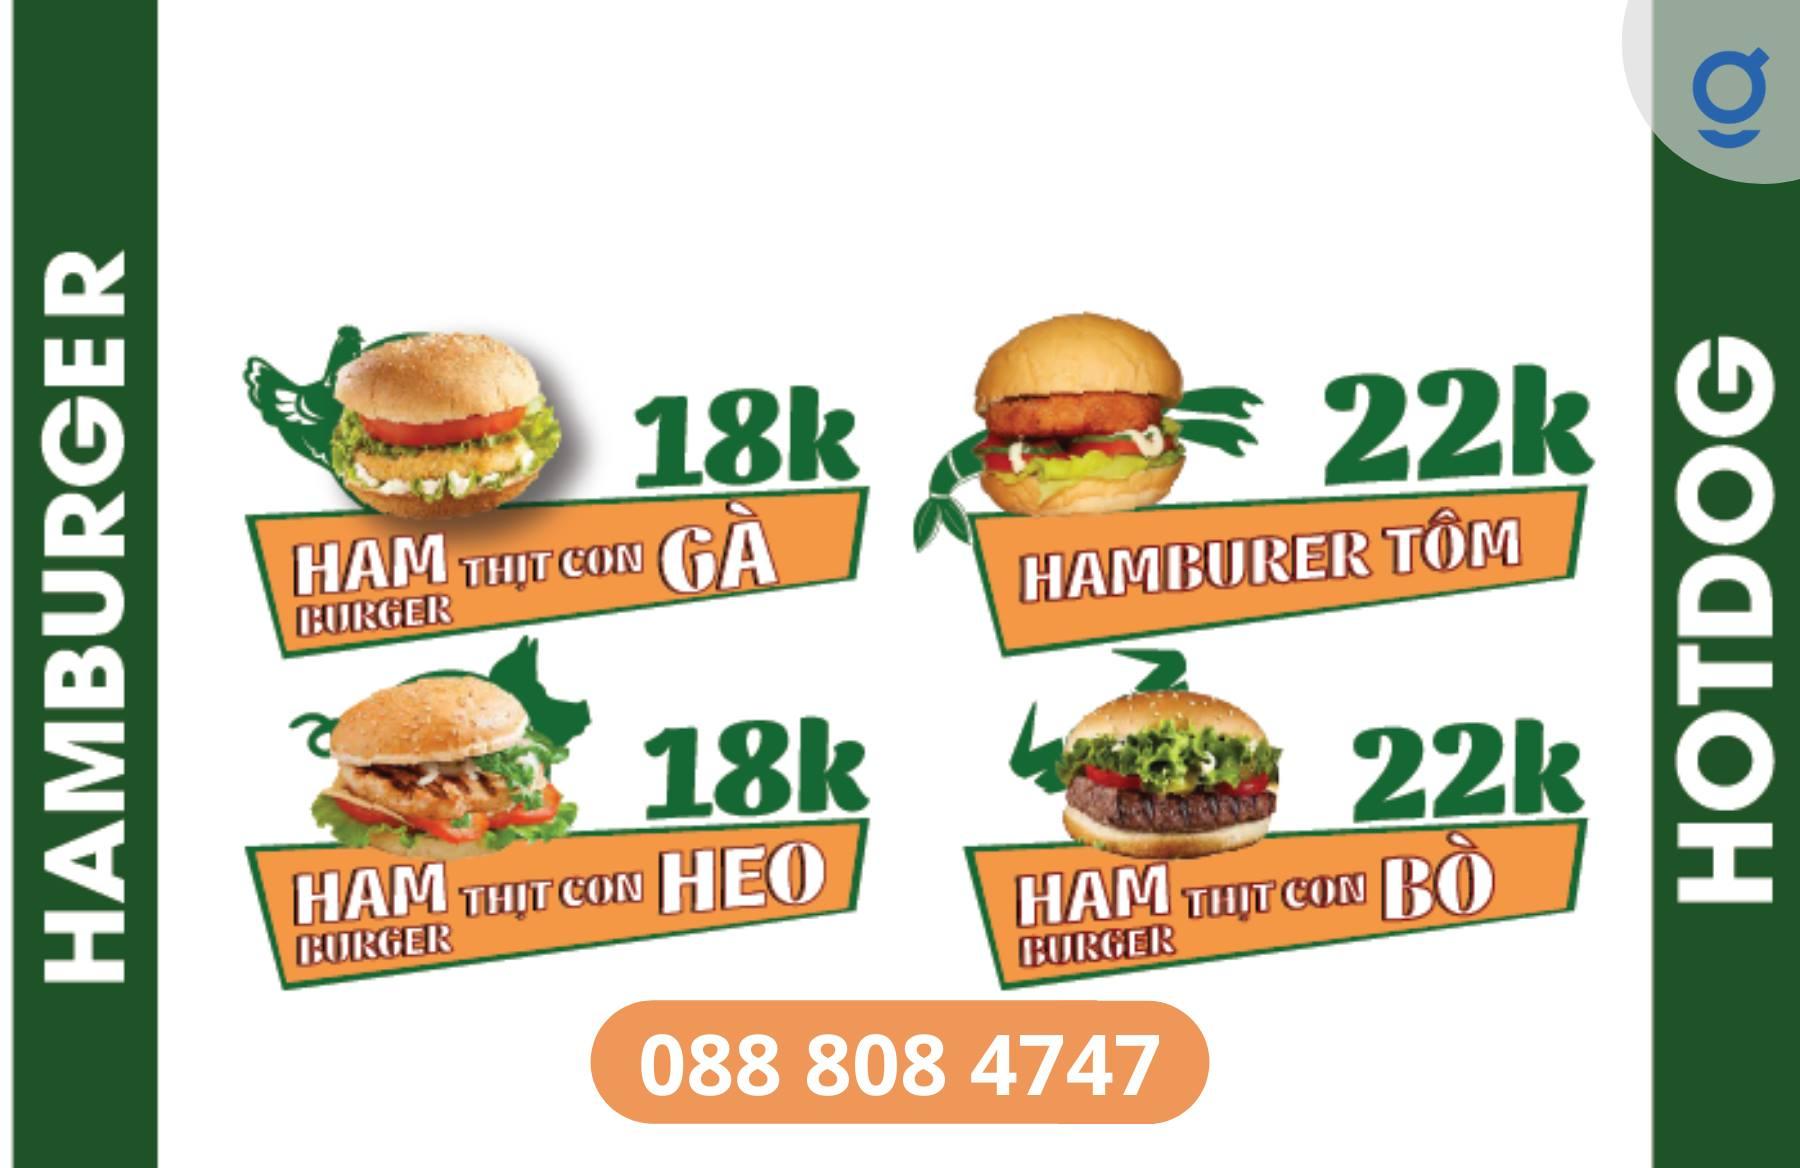 Kinh doanh nói chung và kinh doanh nhượng quyền đồ ăn sáng nói riêng, ngoài những yếu tố cơ bản thì khi bắt đầu, việc chọn đúng xu hướng, xu thế (trending) là yếu tố đầu tiên quyết định thành công của KHỞI NGHIỆP. Ở bài viết này chúng ta cùng tìm hiểu và phân tích về việc chọn xu hướng kinh doanh nhượng quyền. nhượng quyền hamburger, nhượng quyền bánh mì, nhượng quyền ăn sáng, nhượng quyền đồ ăn sáng, nhượng quyền quán ăn sáng, nhượng quyền thương hiệu ăn sáng, Xu hướng kinh doanh 2021, Xu hướng kinh doanh ẩm thực 2021, Xu hướng kinh doanh ăn sáng 2021, Xu hướng kinh doanh quán ăn 2021, Nhượng Quyền Lam Vu Group,